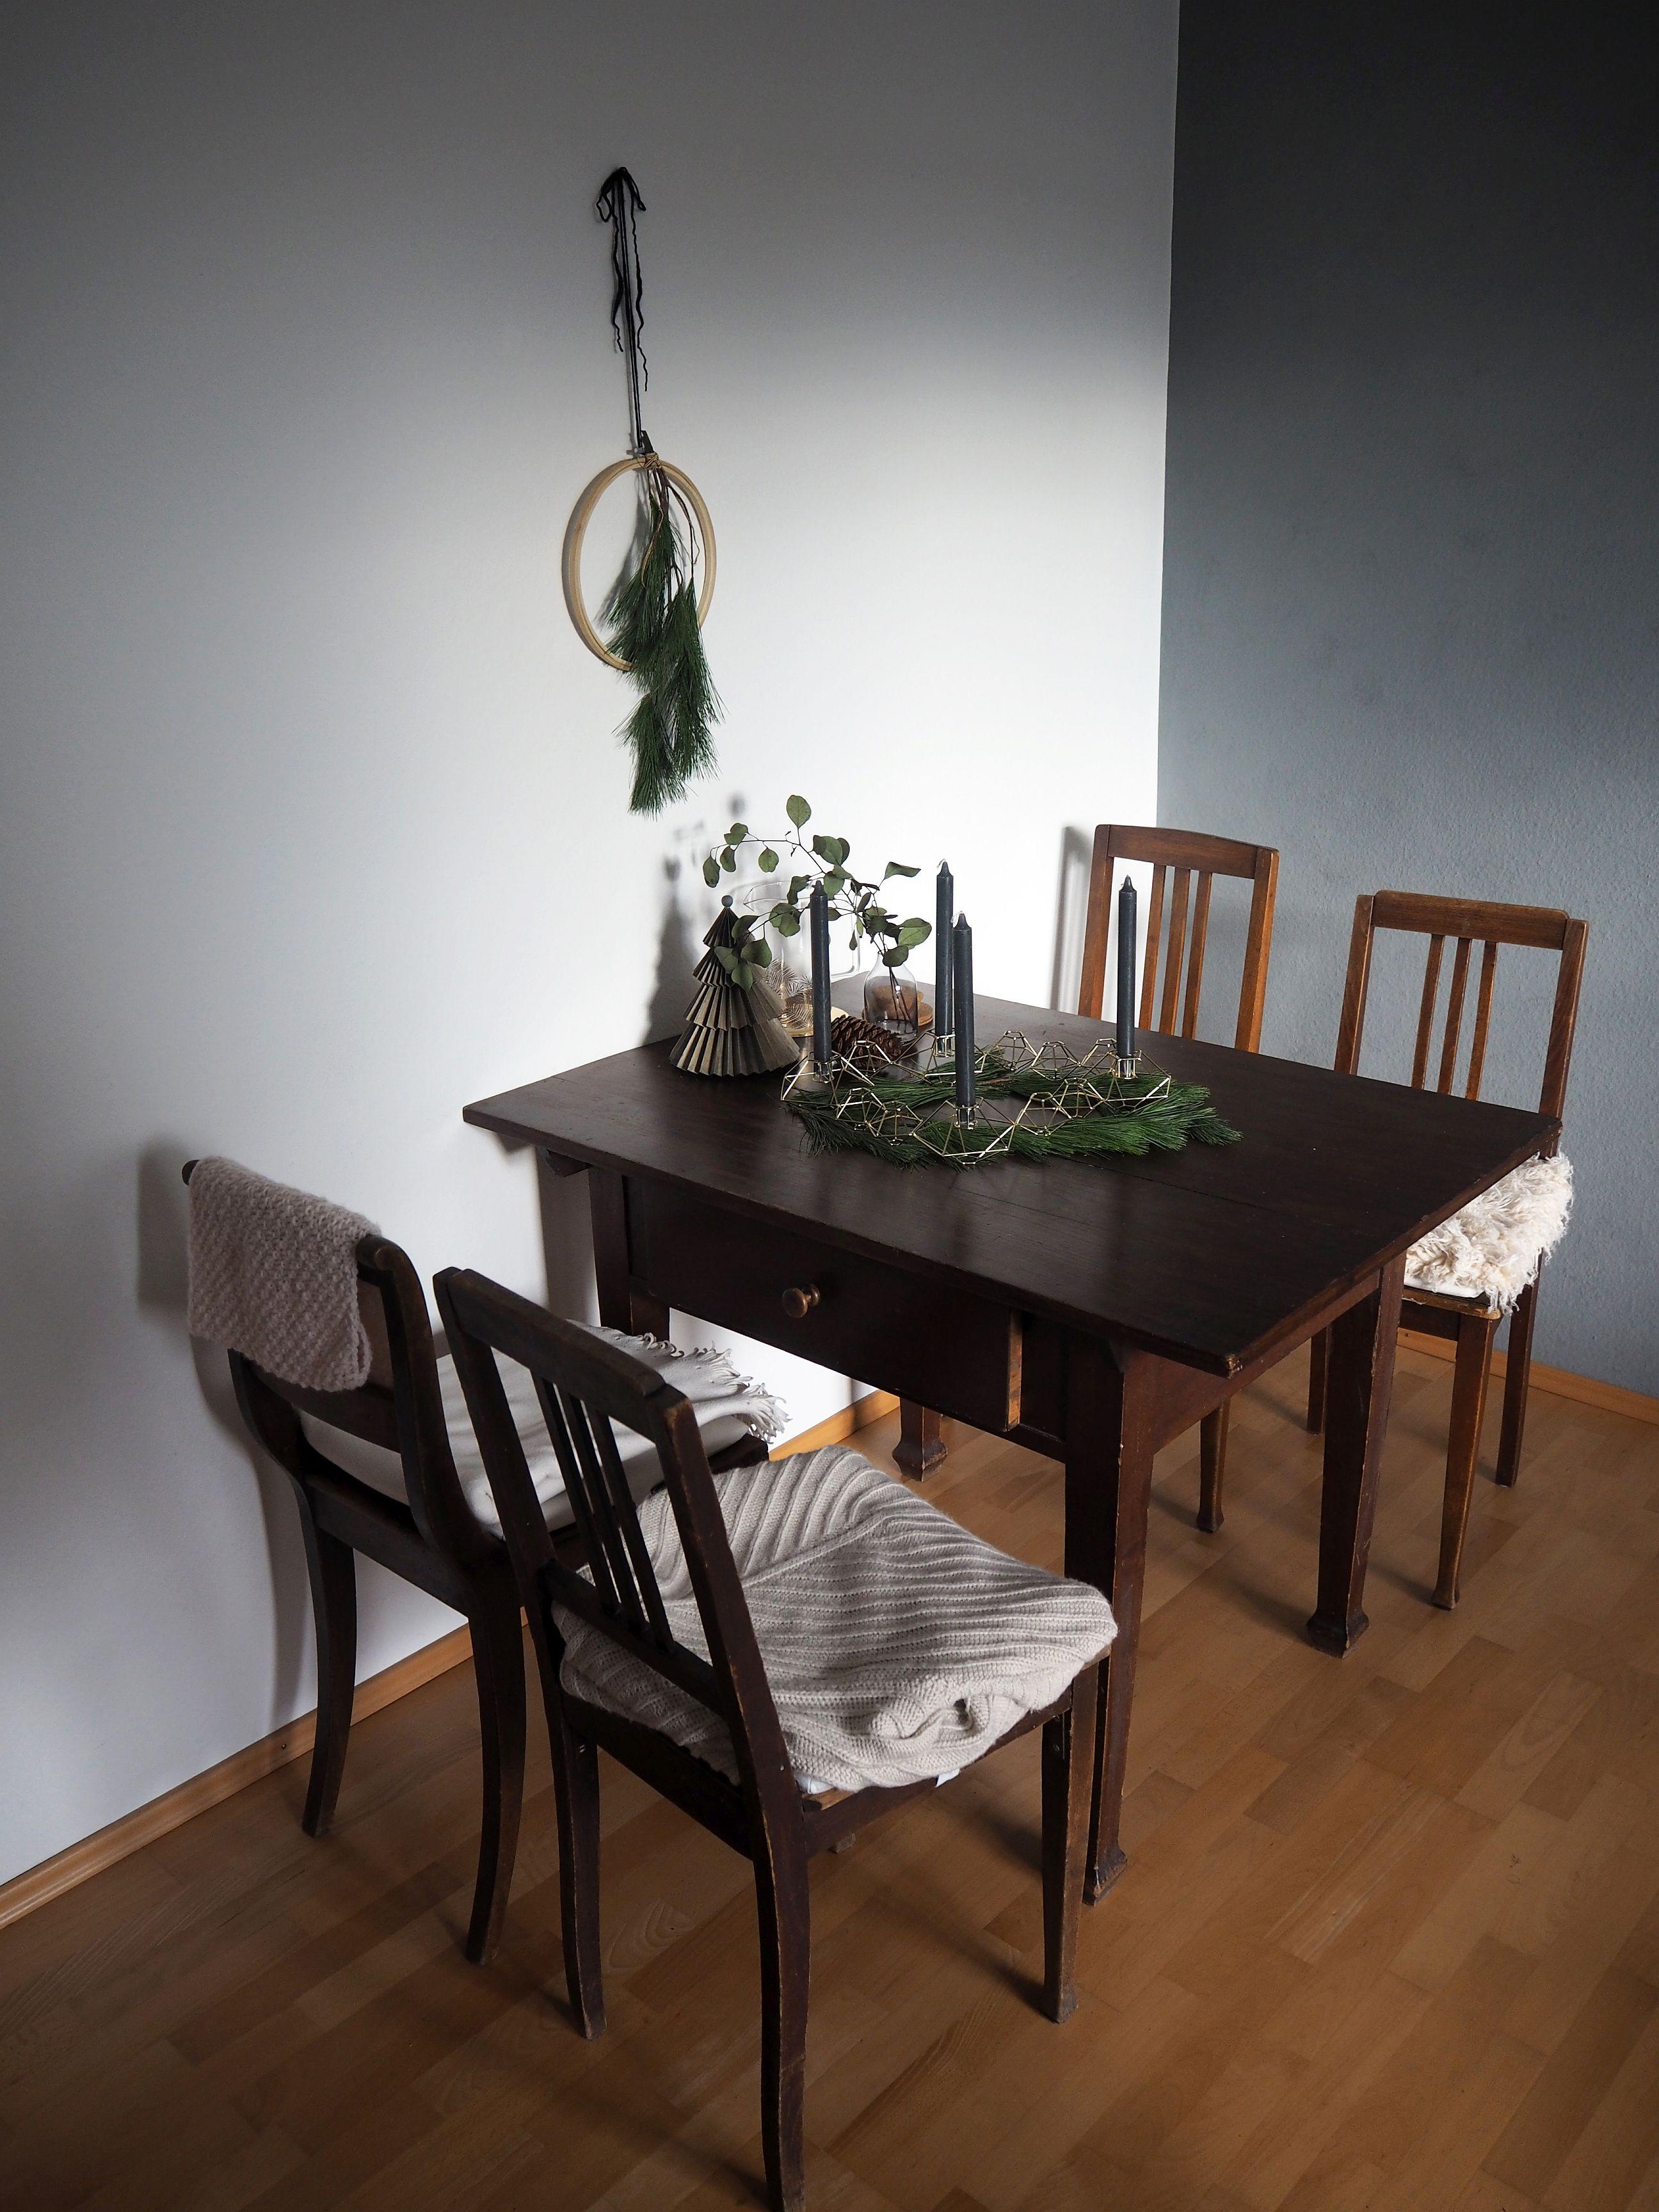 2017-12-skoen-och-kreativ-interior-wohnzimmer-update-weihnachtsstimmung-in-gruen (17)